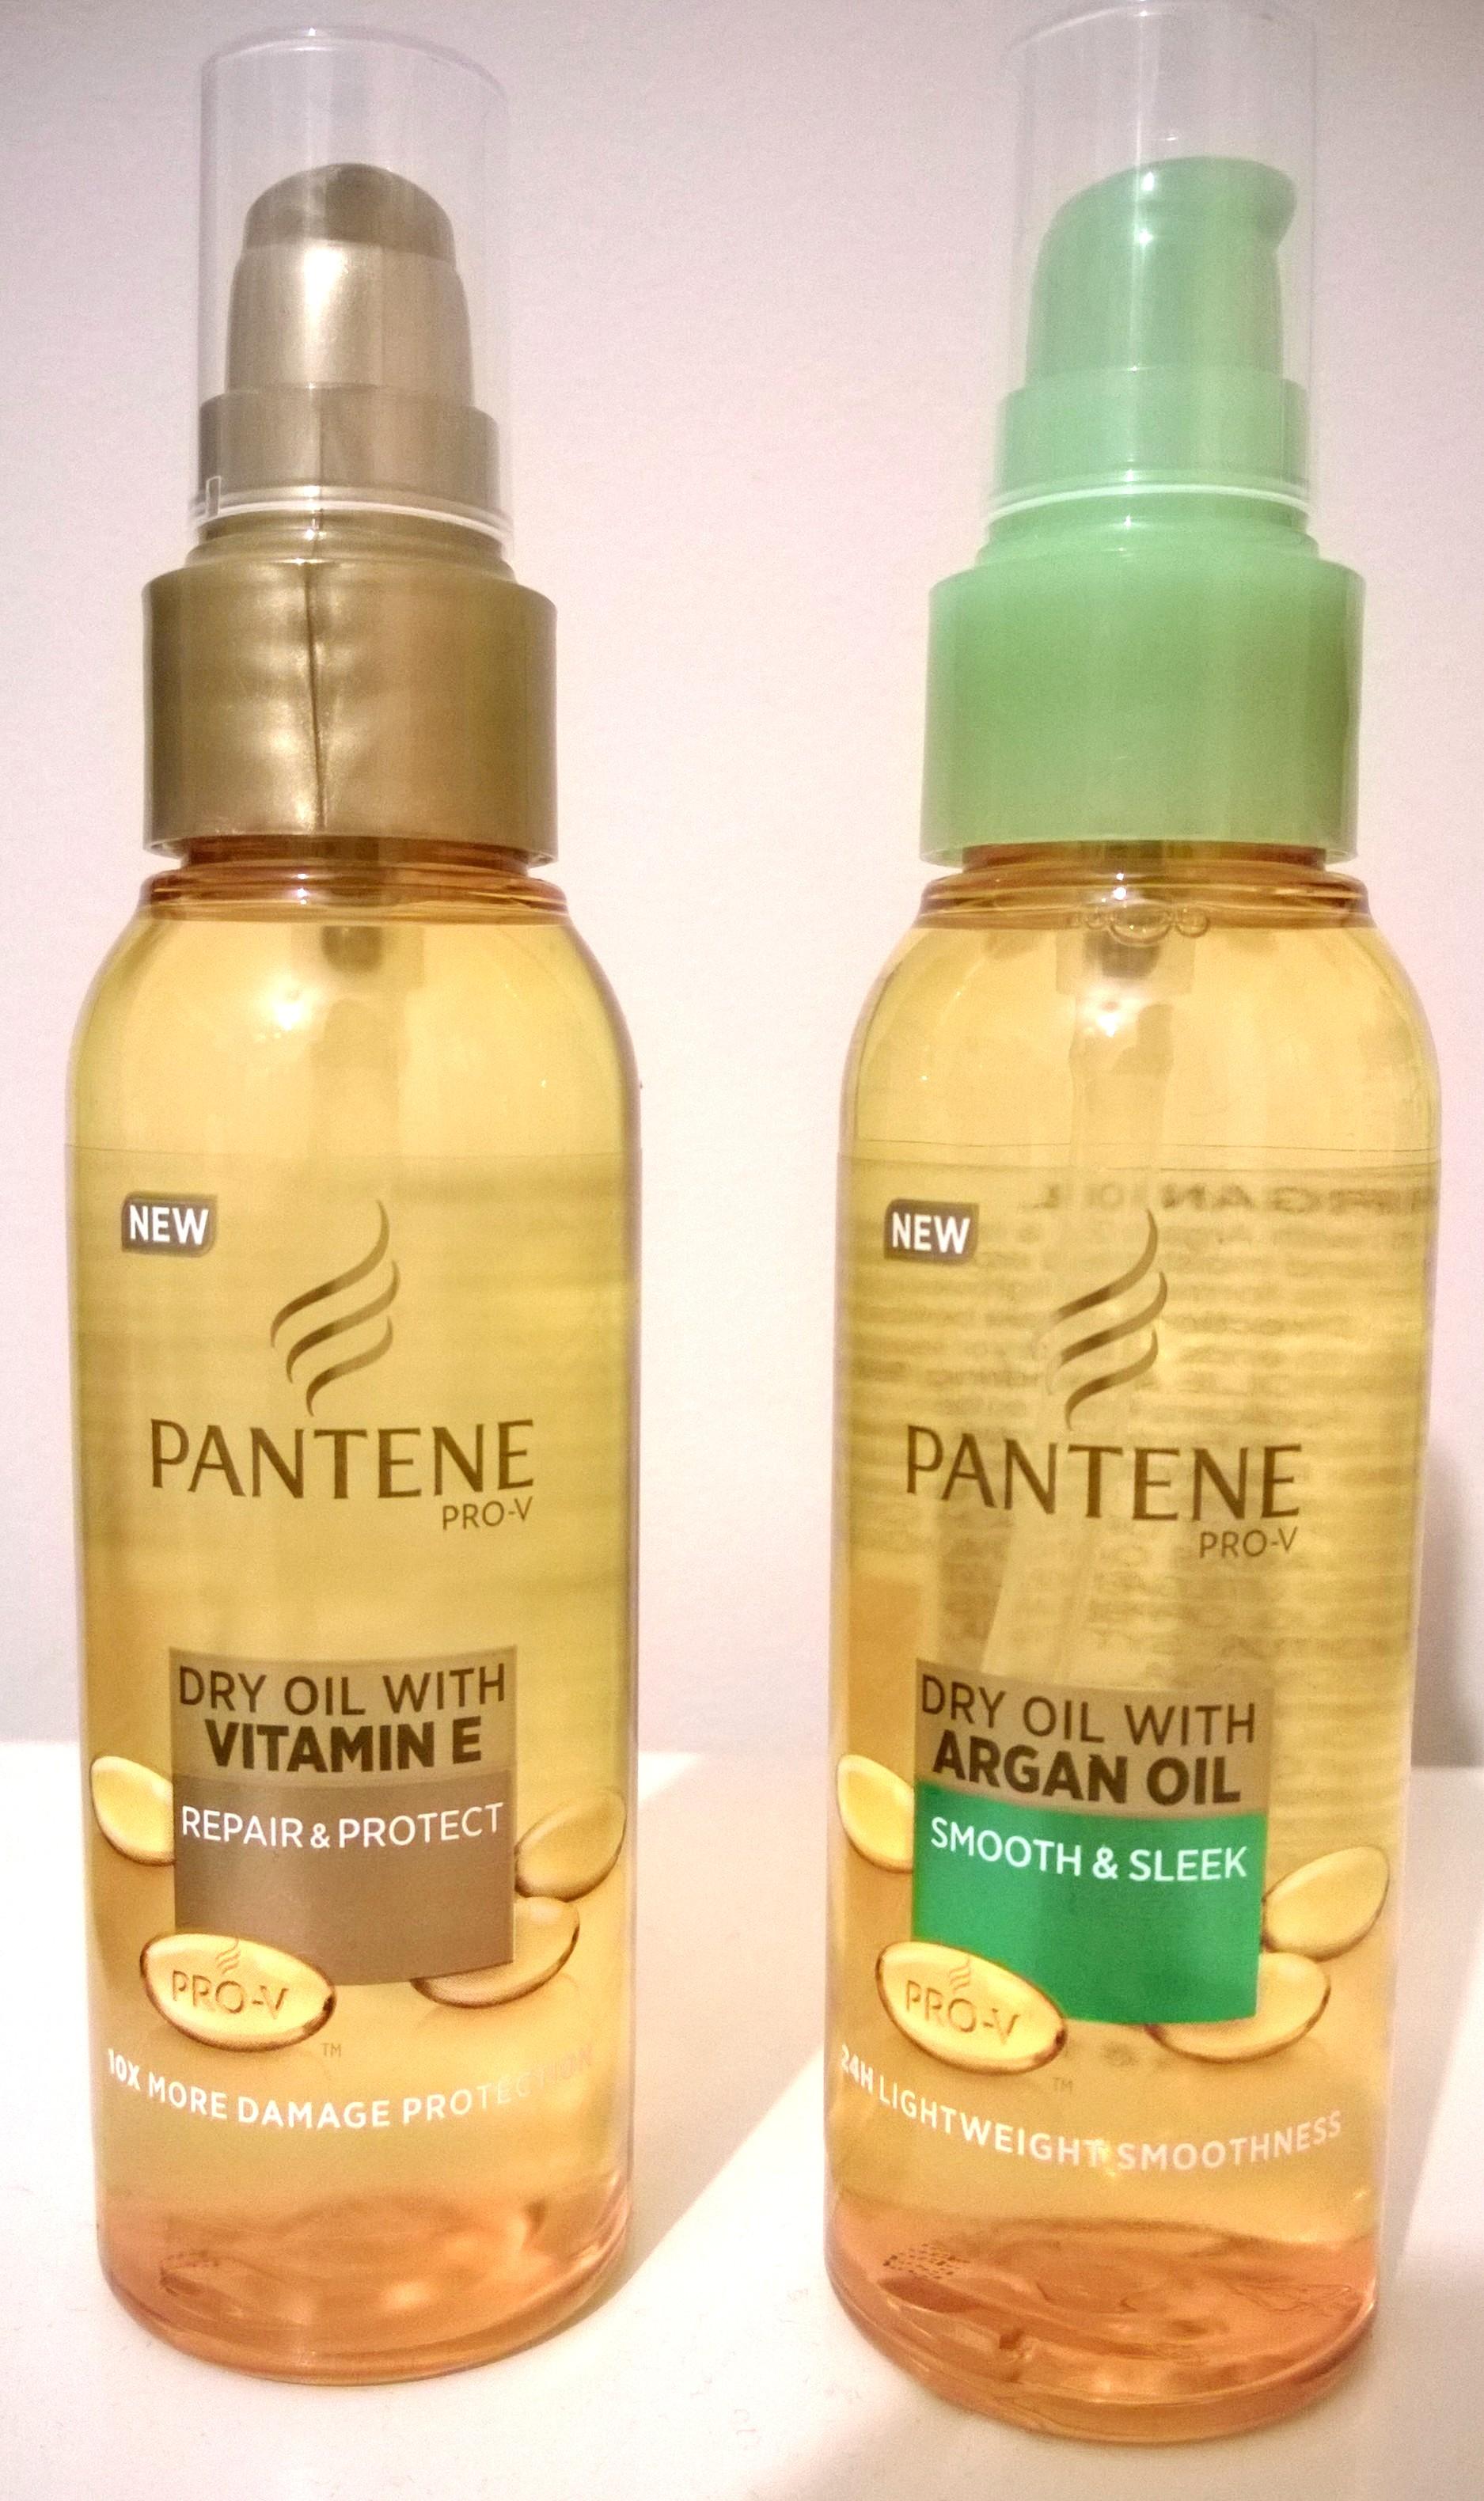 Pantene Pro V Dry Oils For Hair Review Ah Sure Tis Lovely